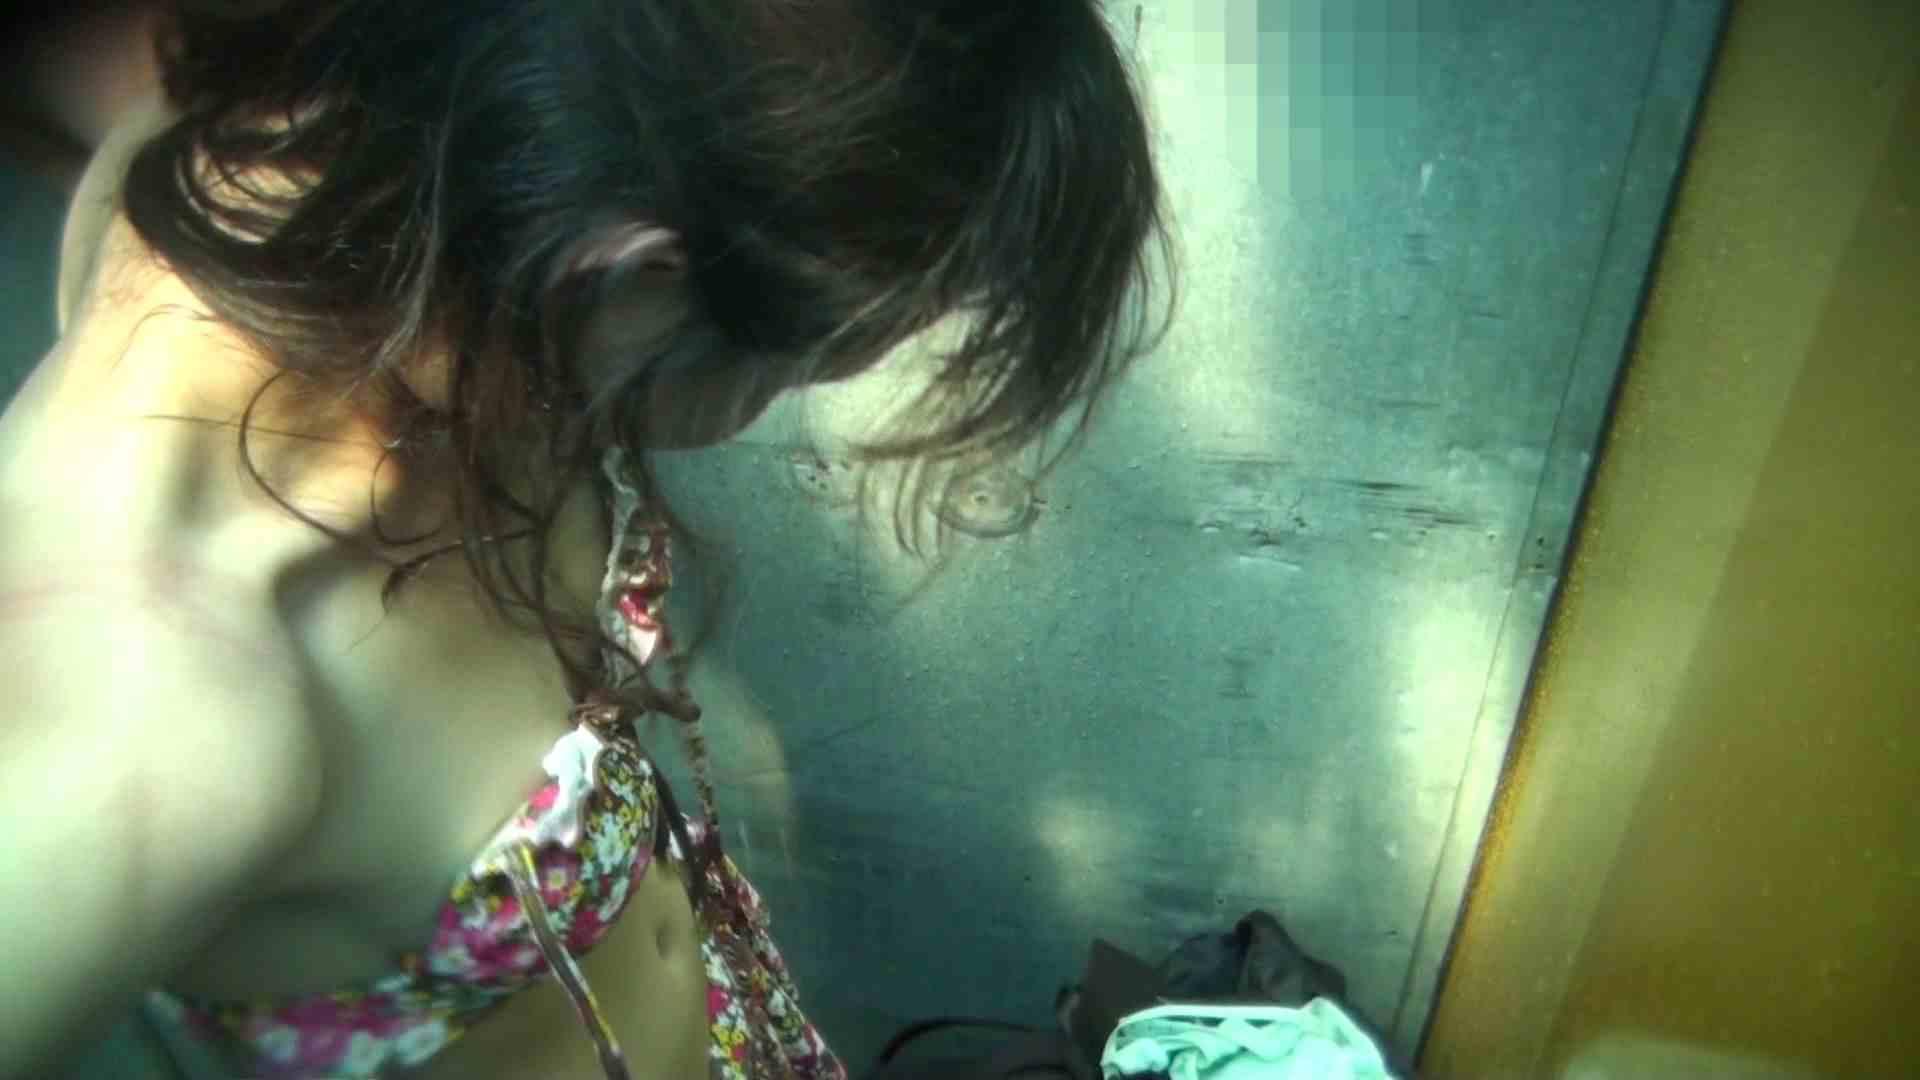 シャワールームは超!!危険な香りVol.16 意外に乳首は年増のそれ 乳首  61pic 20